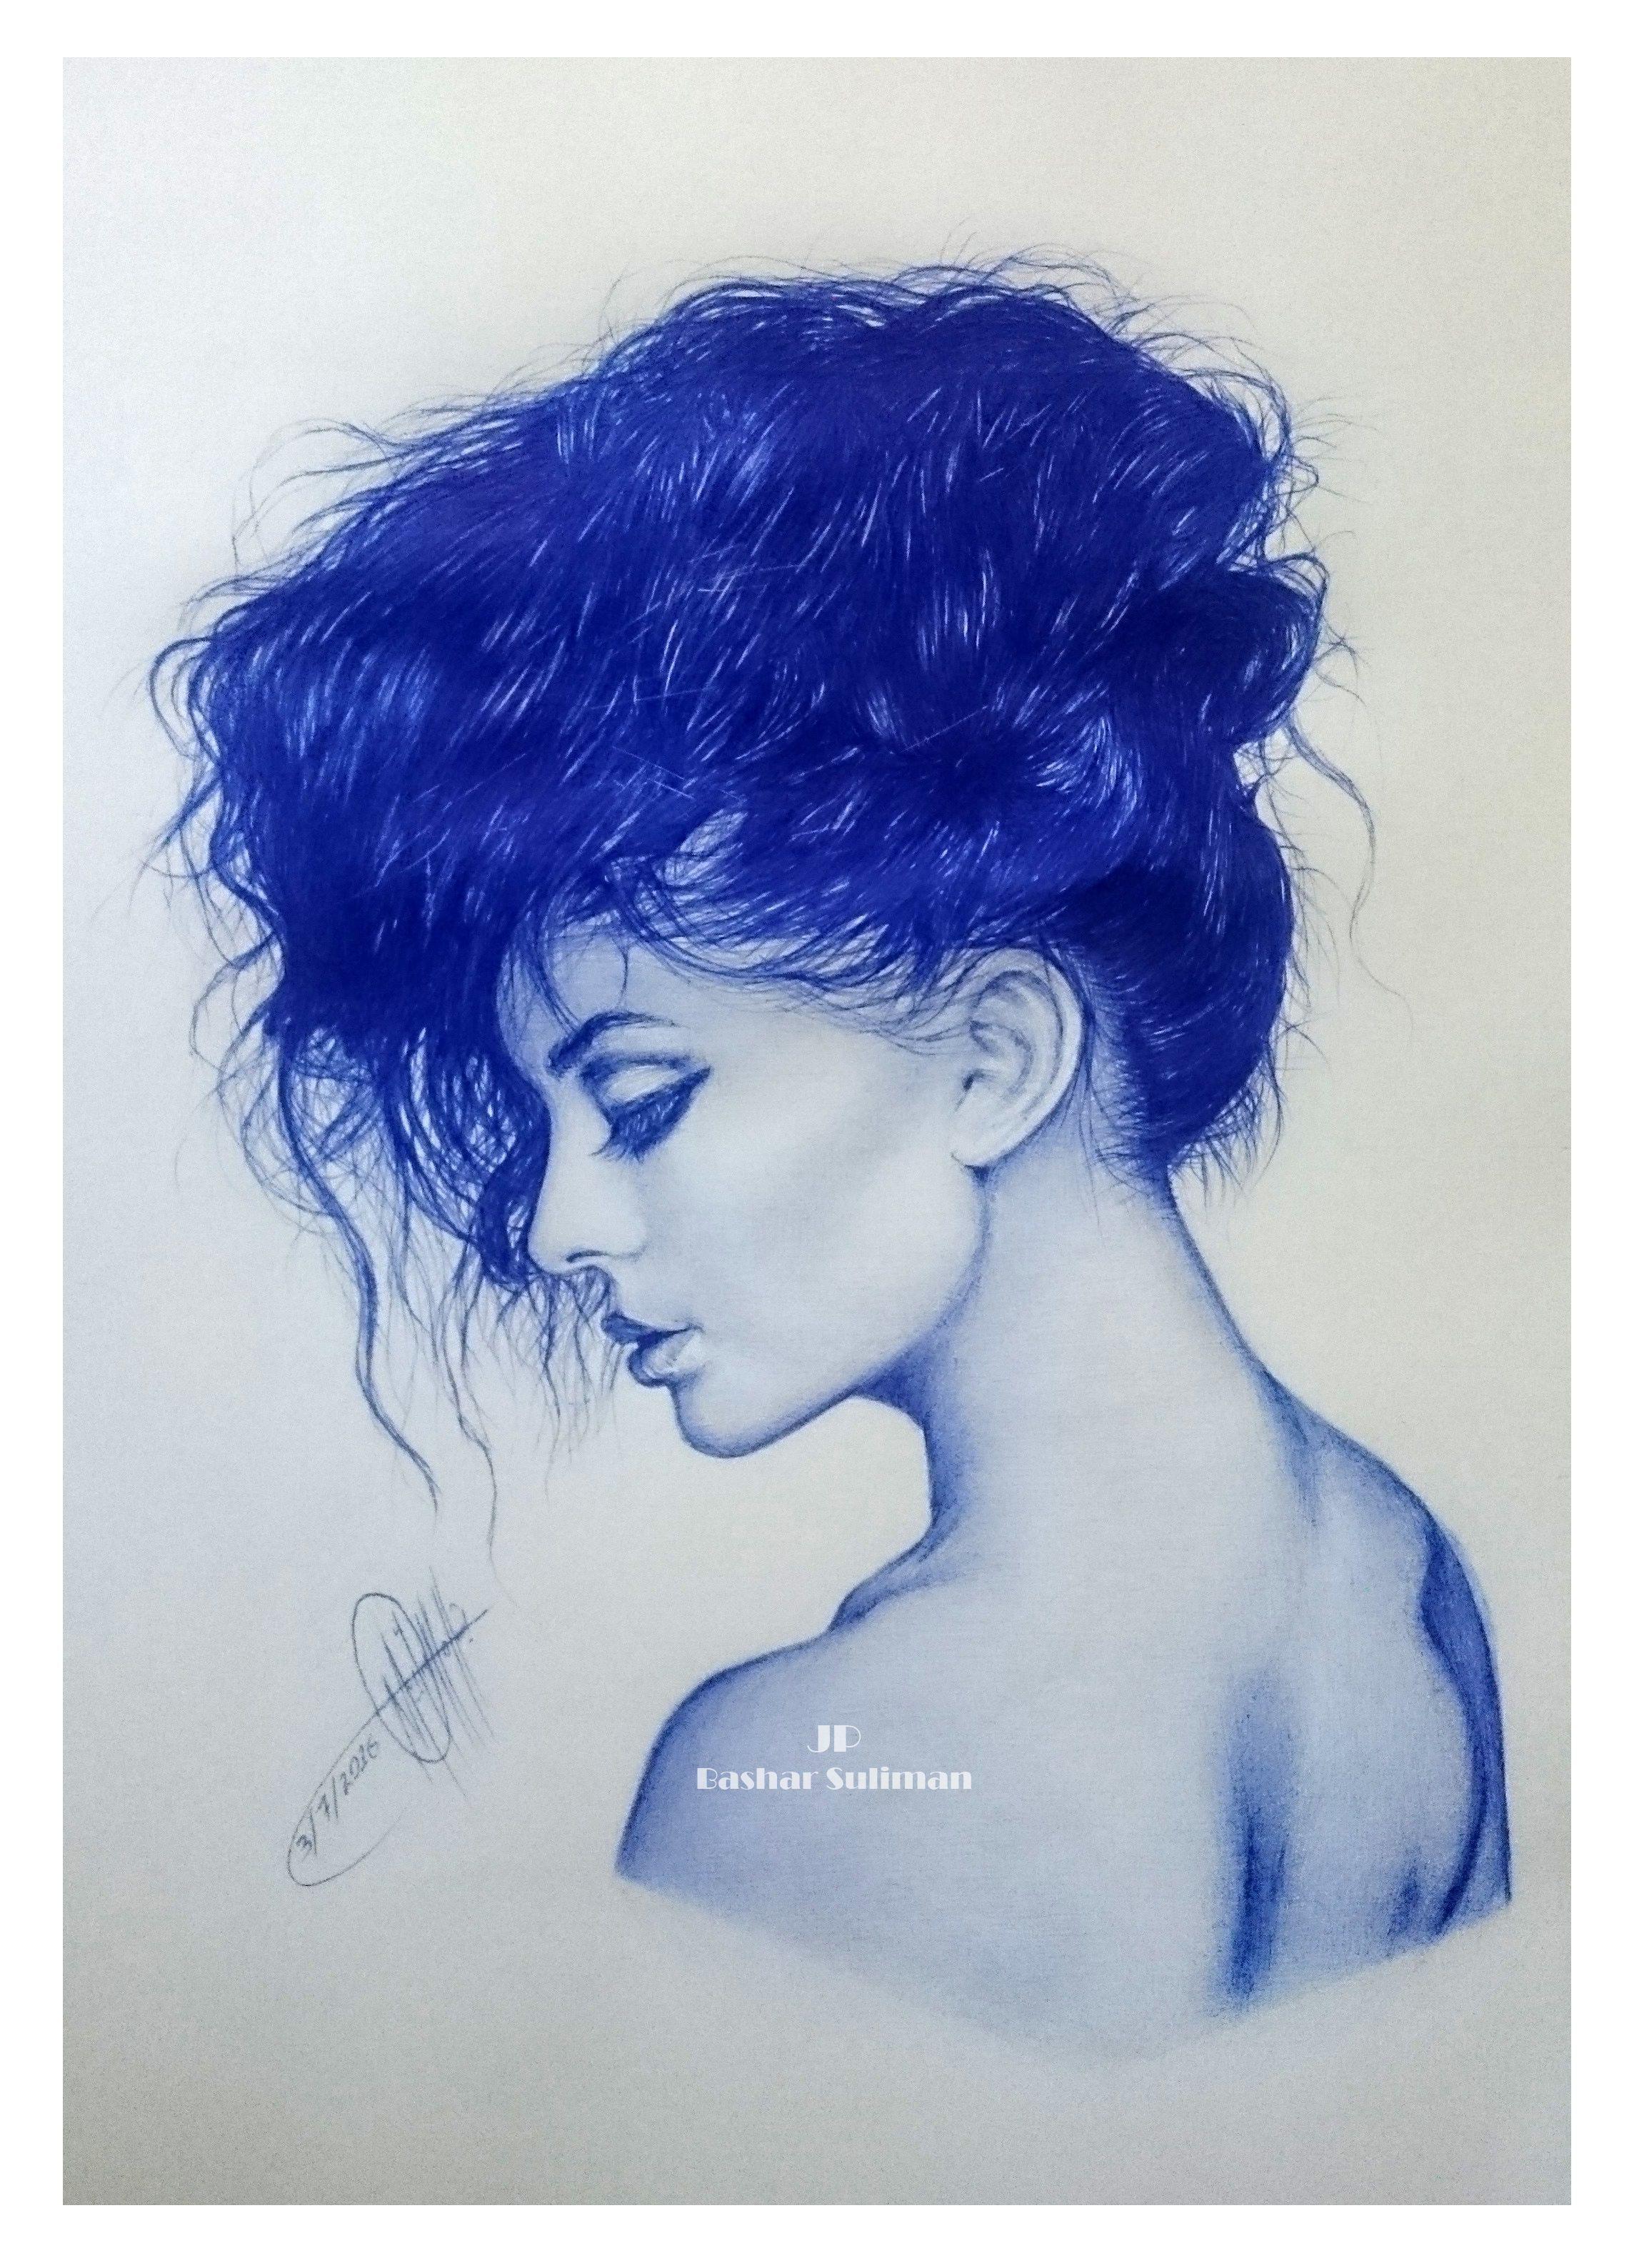 رسومات بالأزرق الجاف طفرة جوز Pen Drawing Drawings Ballpoint Pen Drawing